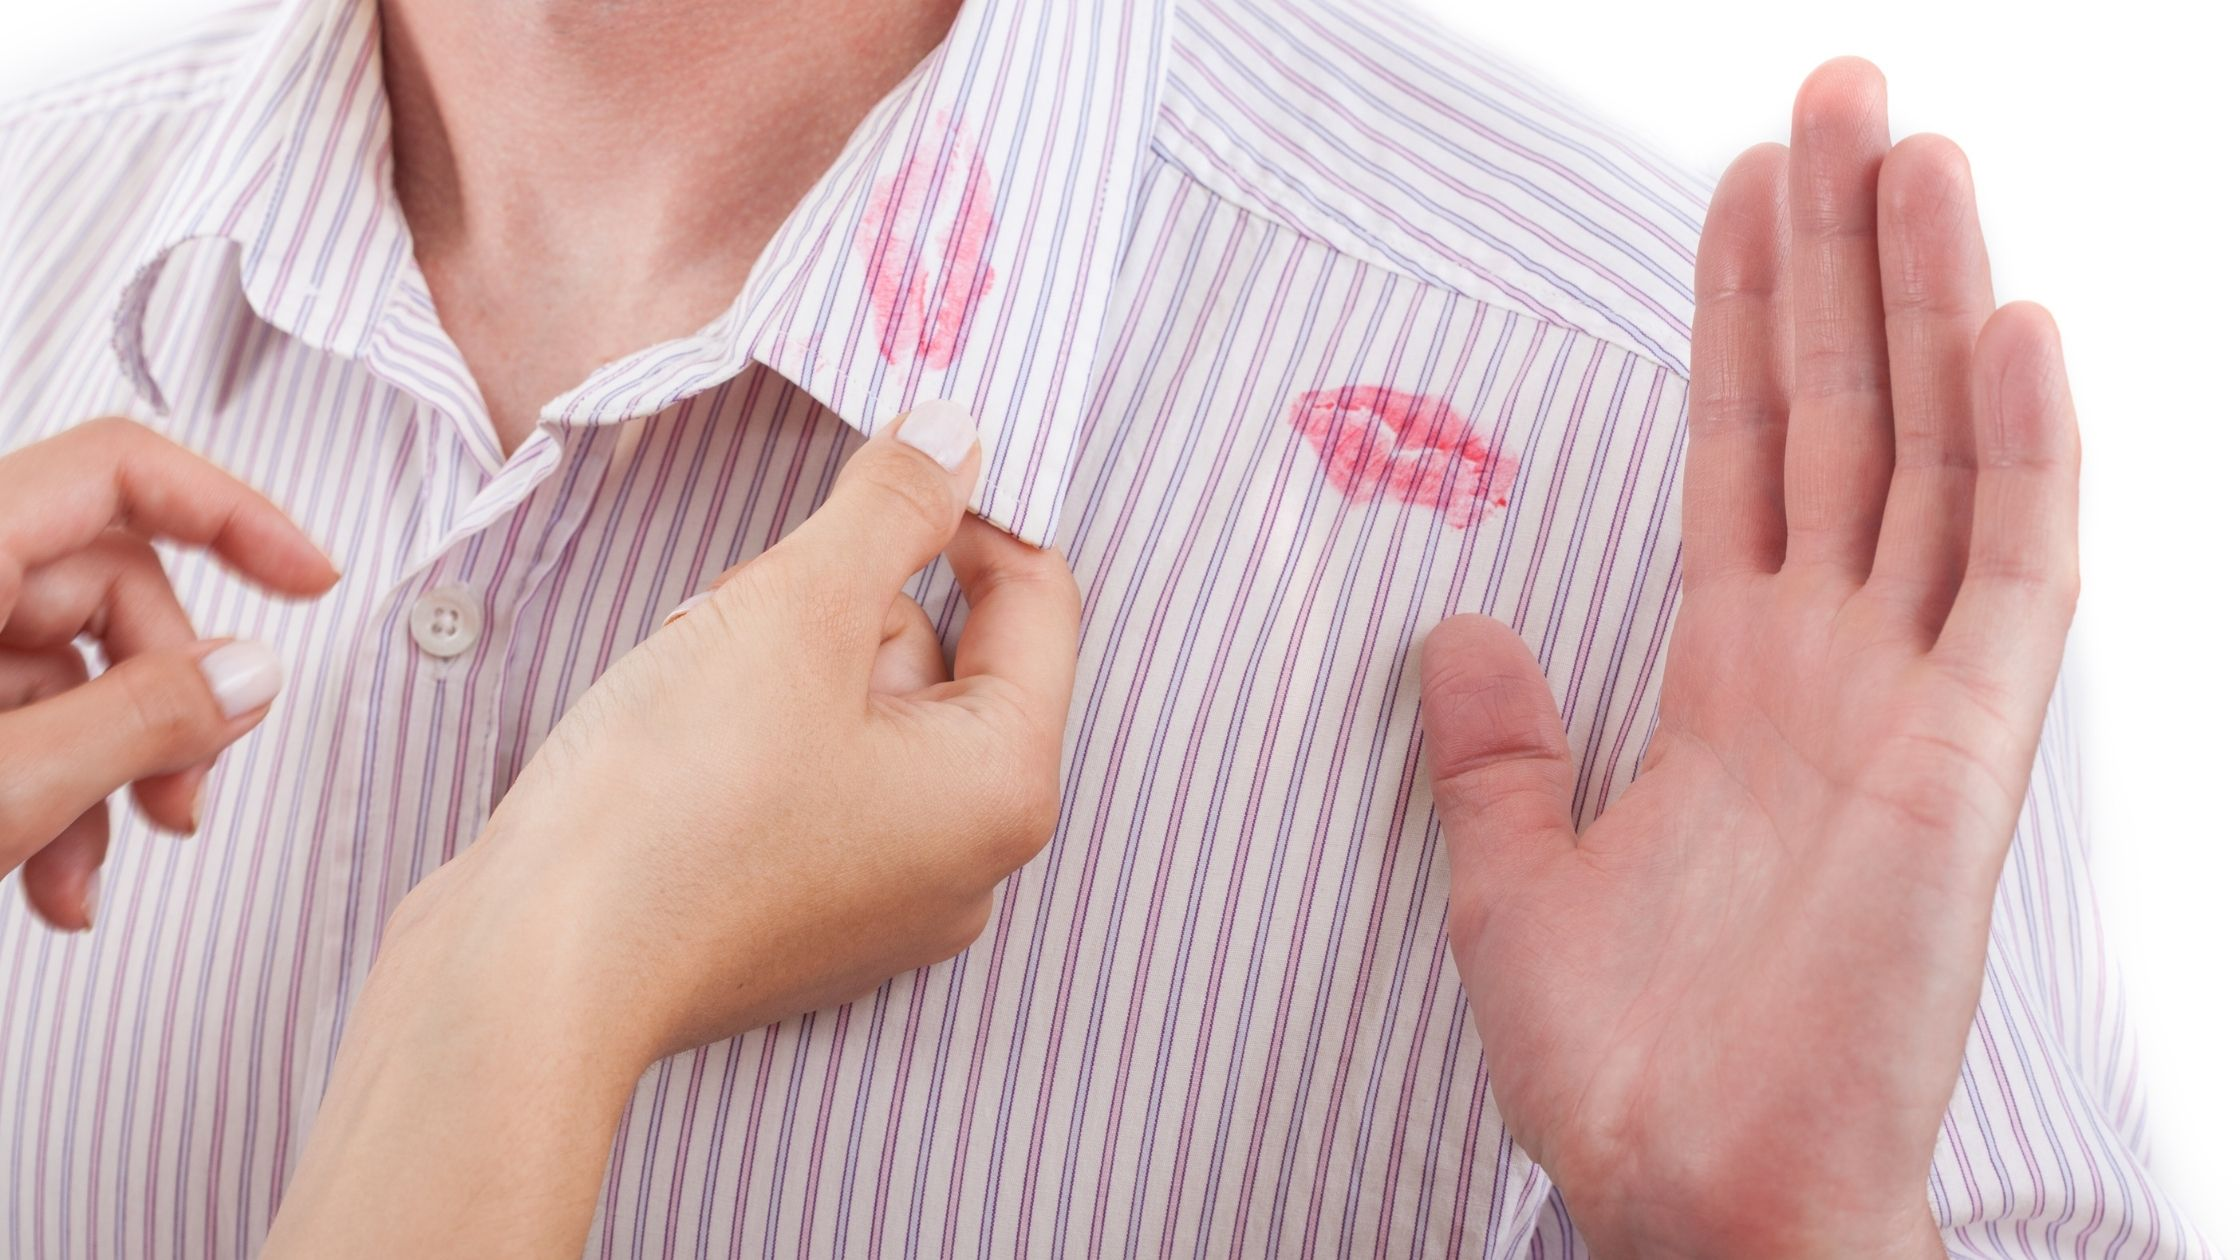 Col d'homme avec des traces de rouge à lèvres